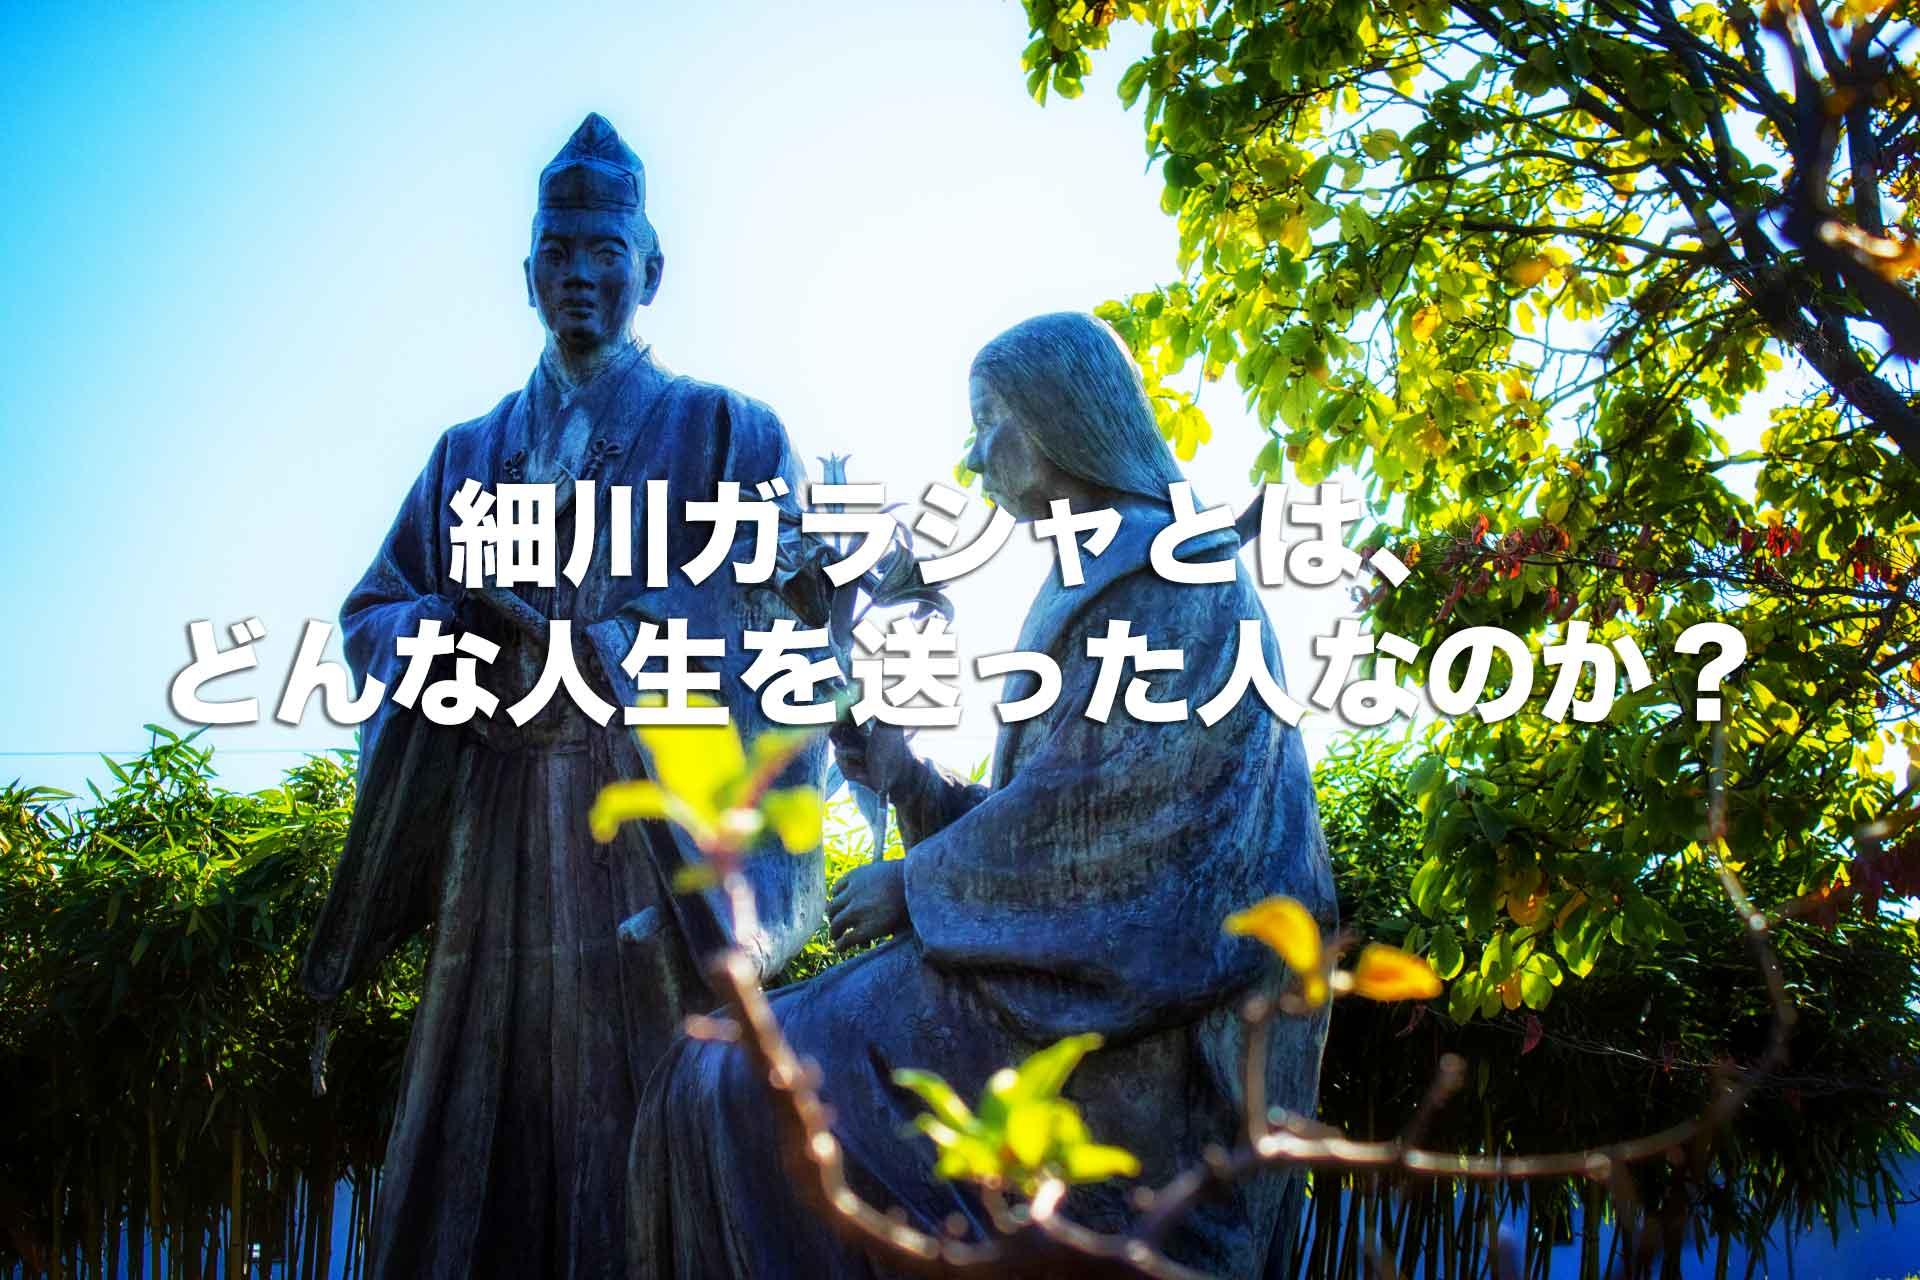 細川ガラシャとはいったいどんな人?その生涯を年表形式で解説!